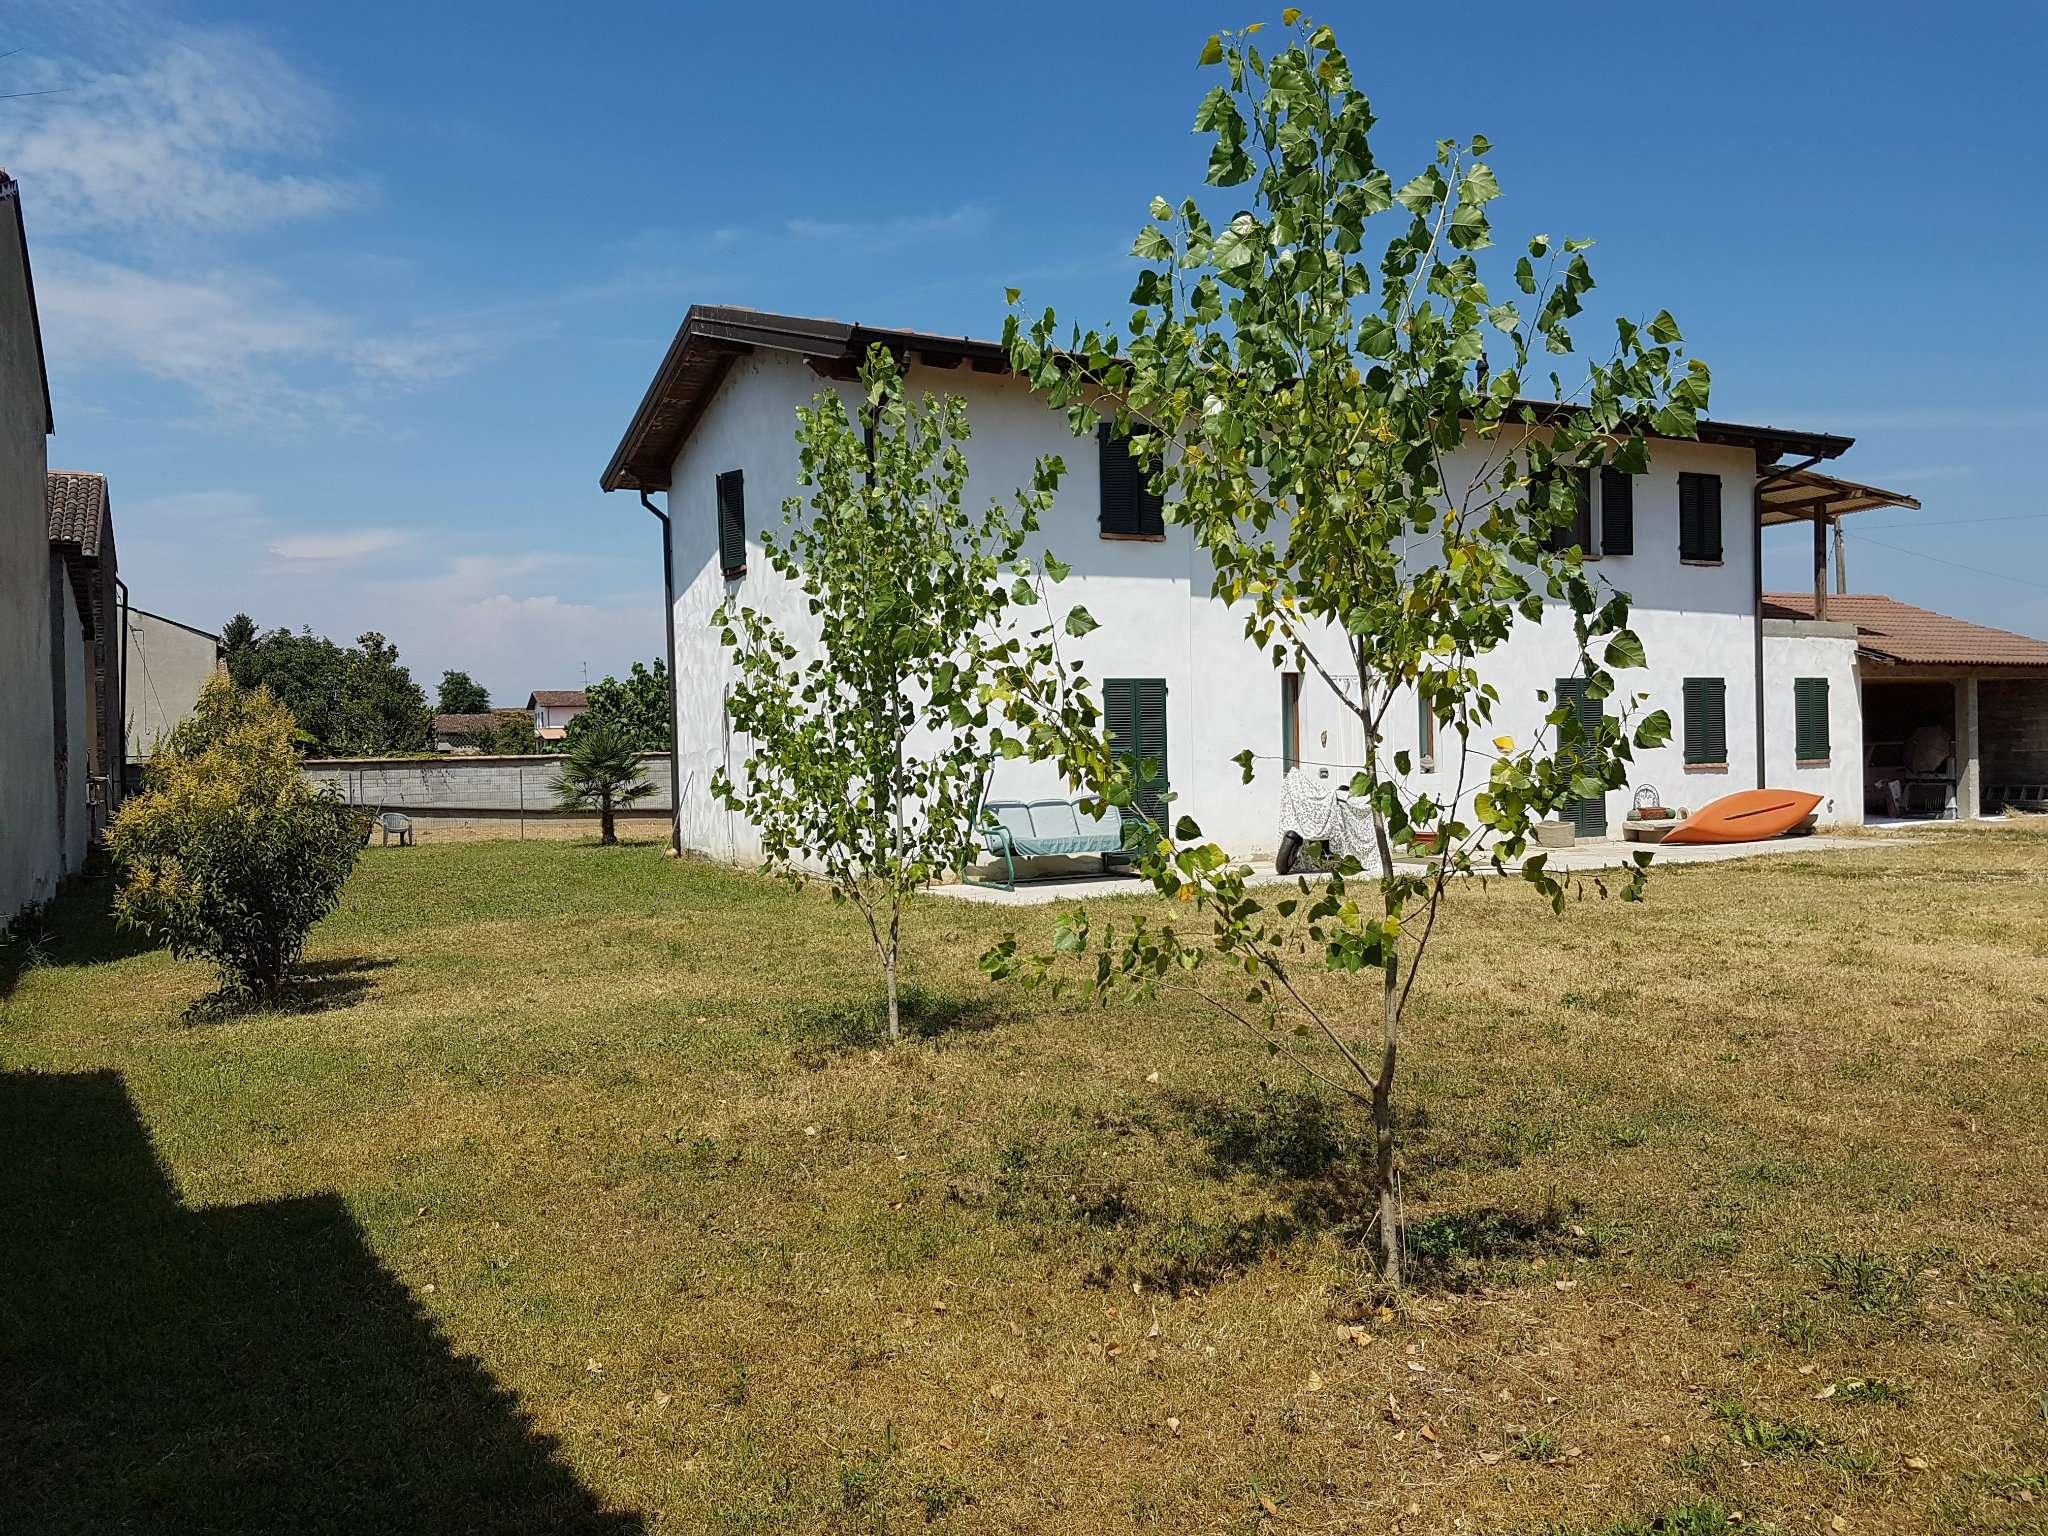 Soluzione Indipendente in vendita a Castelleone, 6 locali, prezzo € 220.000 | Cambio Casa.it